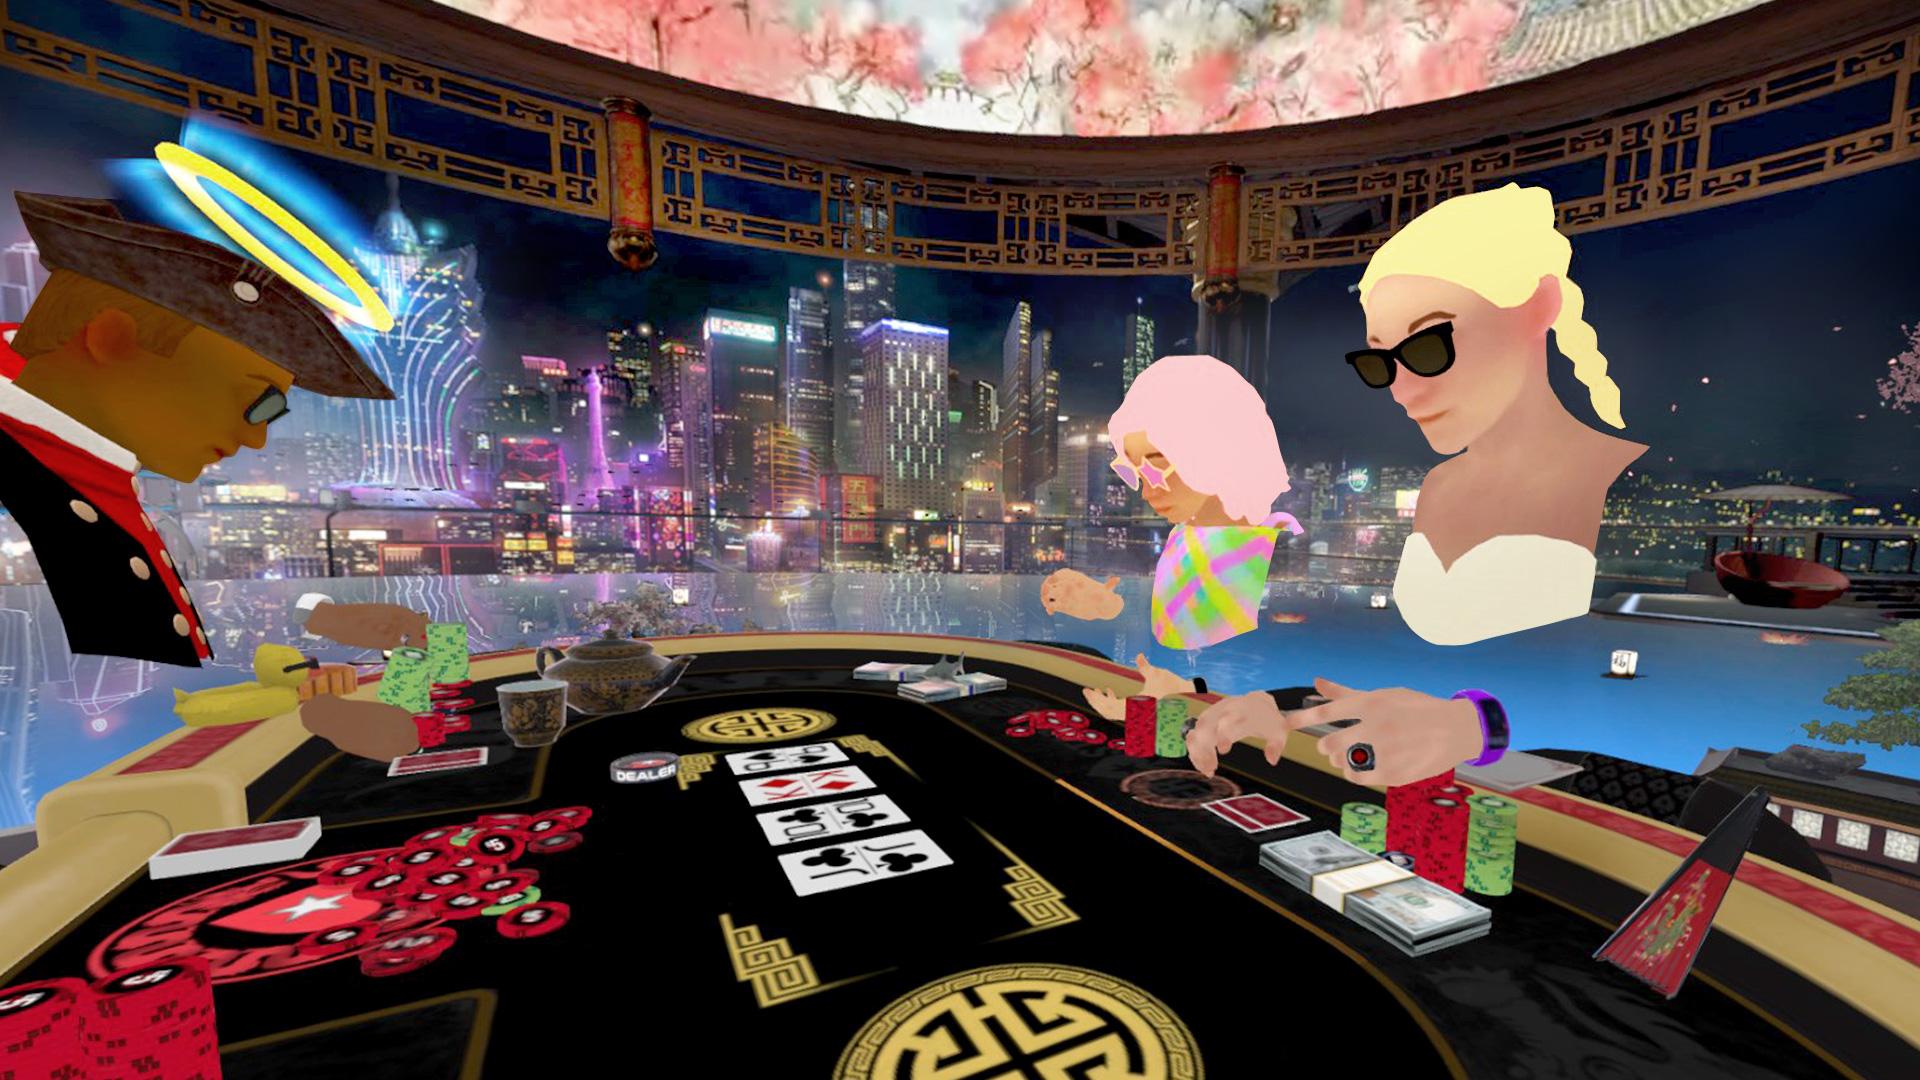 pokerstars casino für 0 01 welches spiel